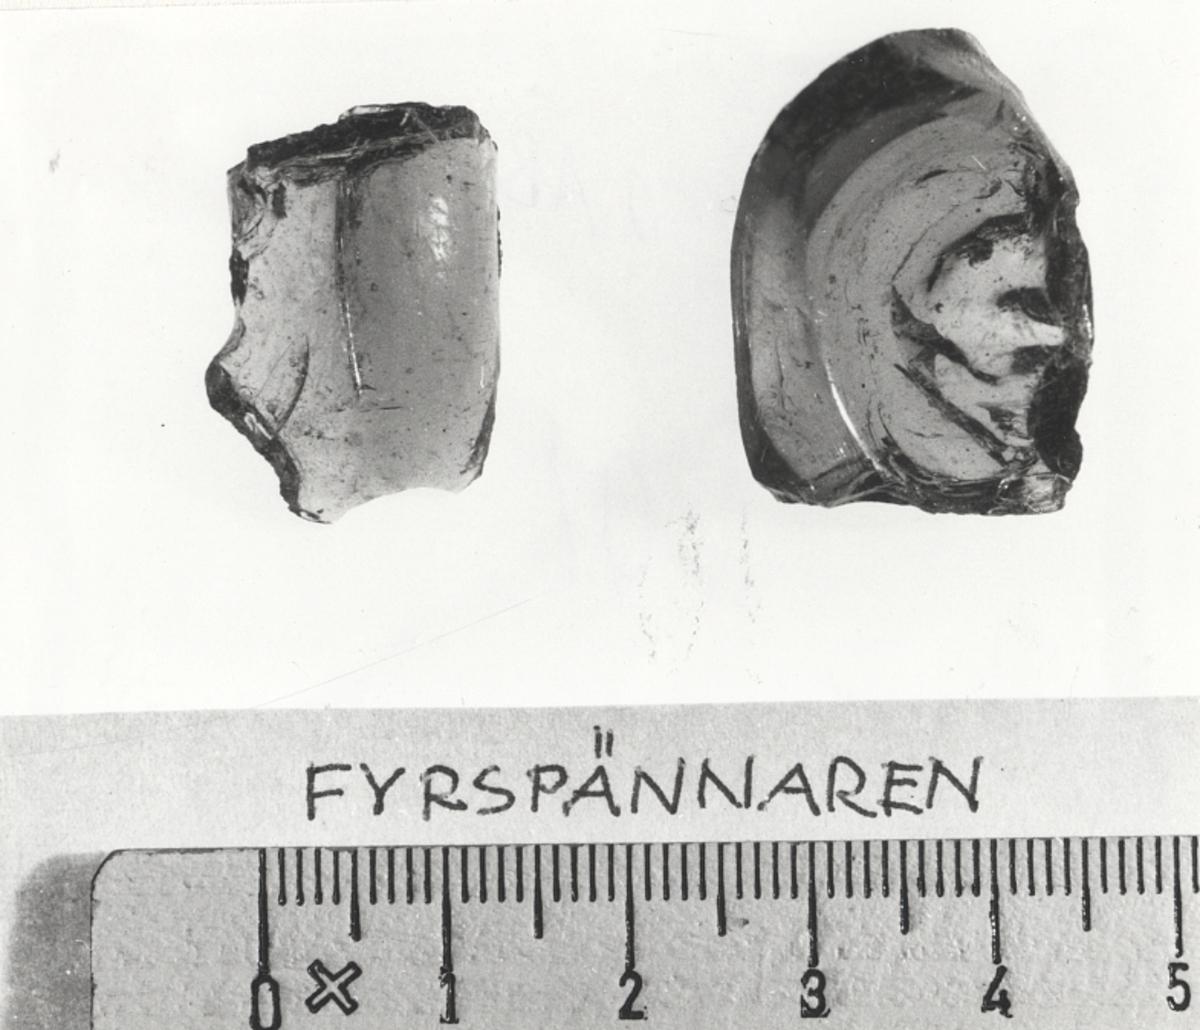 Fartyg ort: Sve, Utsidan, Rundklubben , År: Förlist Rederi ort: Torö sn, År: Ca 1770